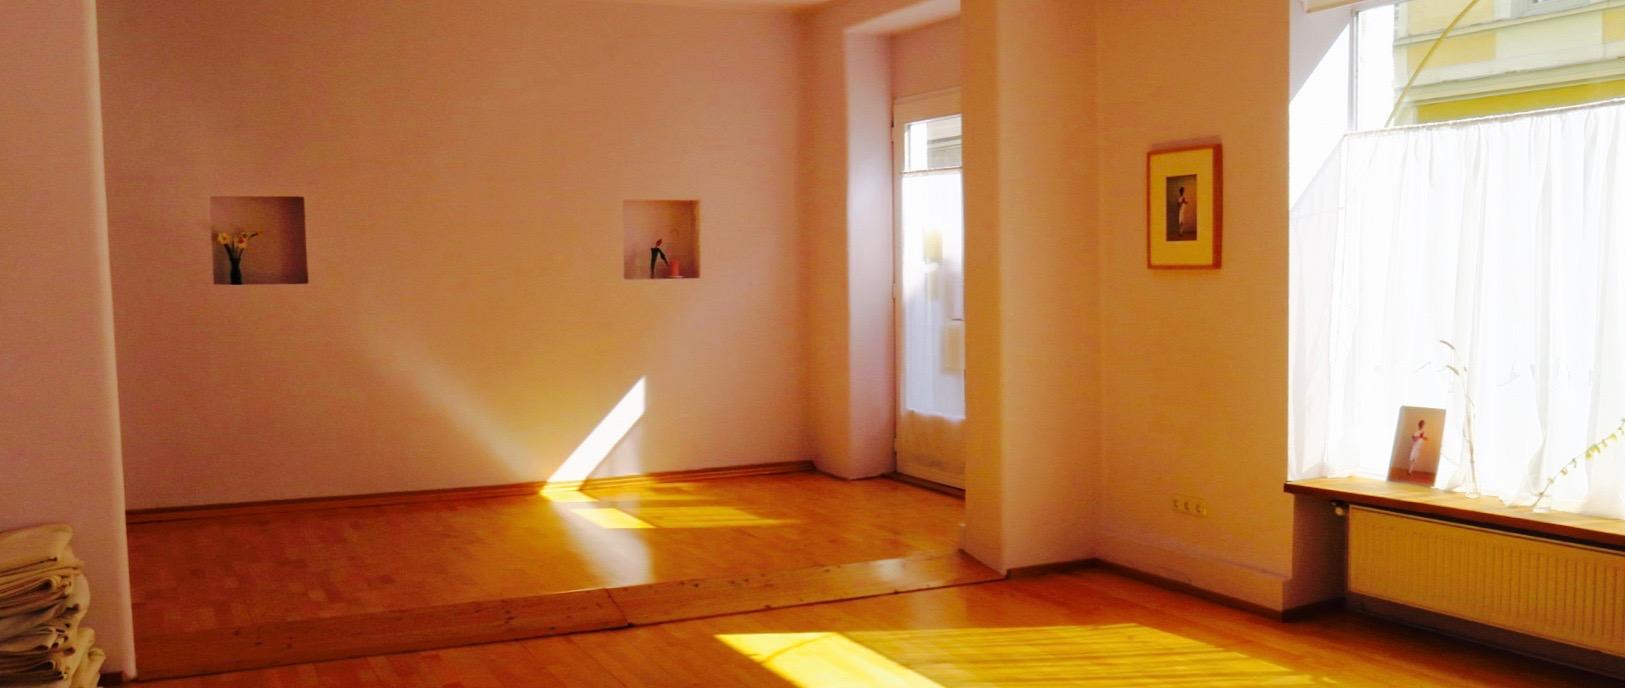 Yogaraum Entenbach